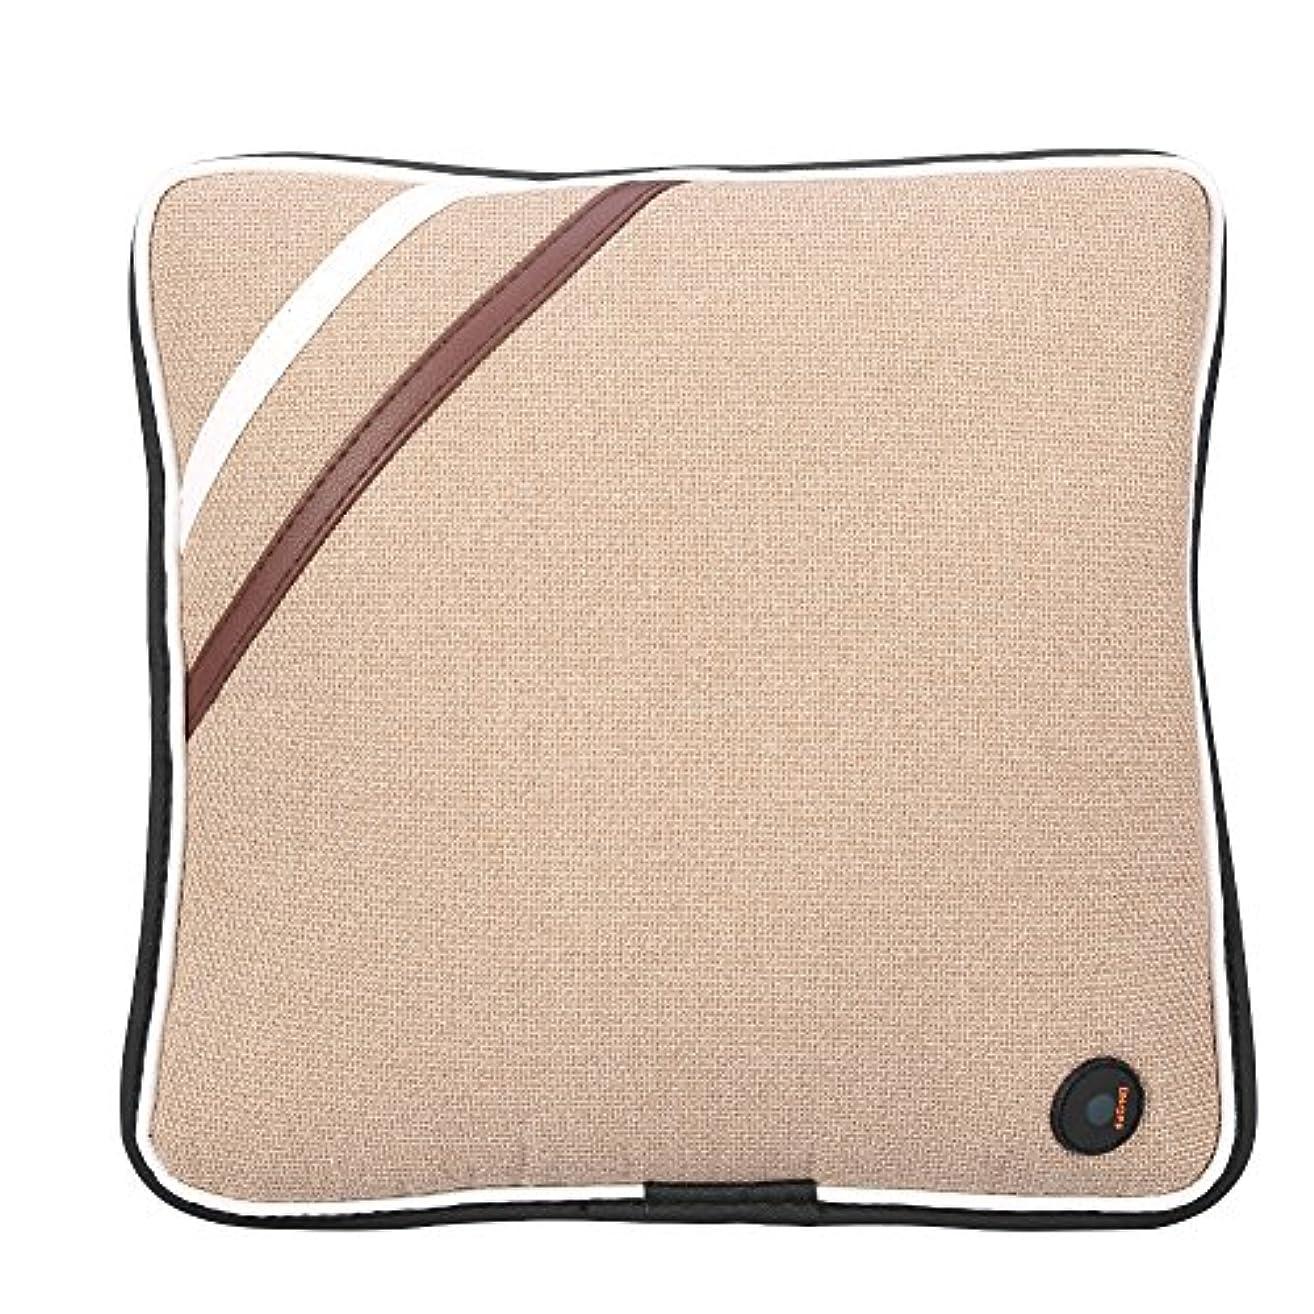 ピクニックボックスパターン電気マッサージの枕、旅行車の家、セリウム/FDA/RoHS/LVDの証明のためのUSBの再充電可能で柔らかい綿の首の背部クッションのマッサージャー(Linen Beige)